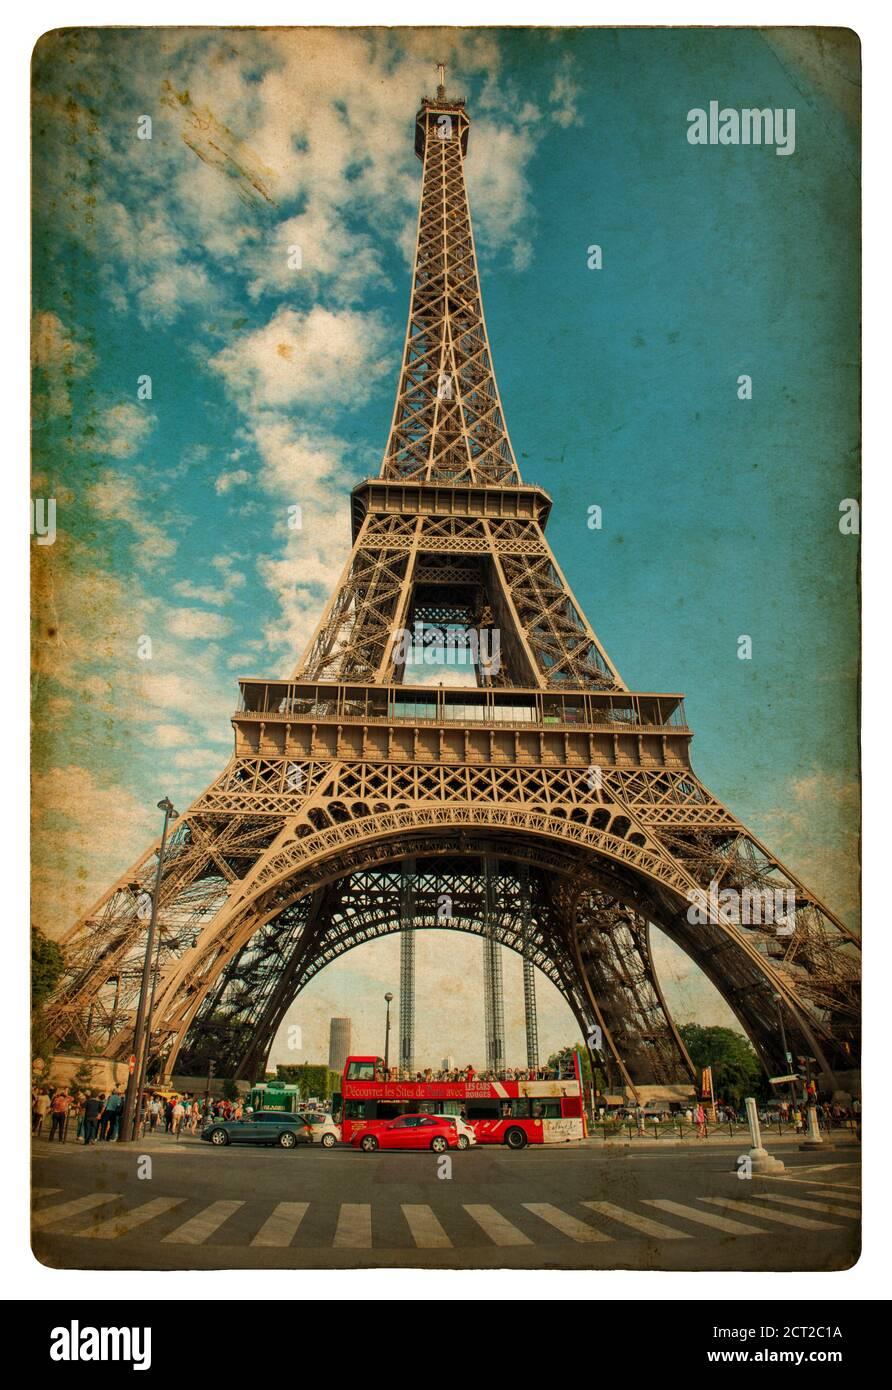 La Tour Eiffel (la Tour Eiffel) à Paris sur un ciel bleu nuageux. Image de style vintage Banque D'Images